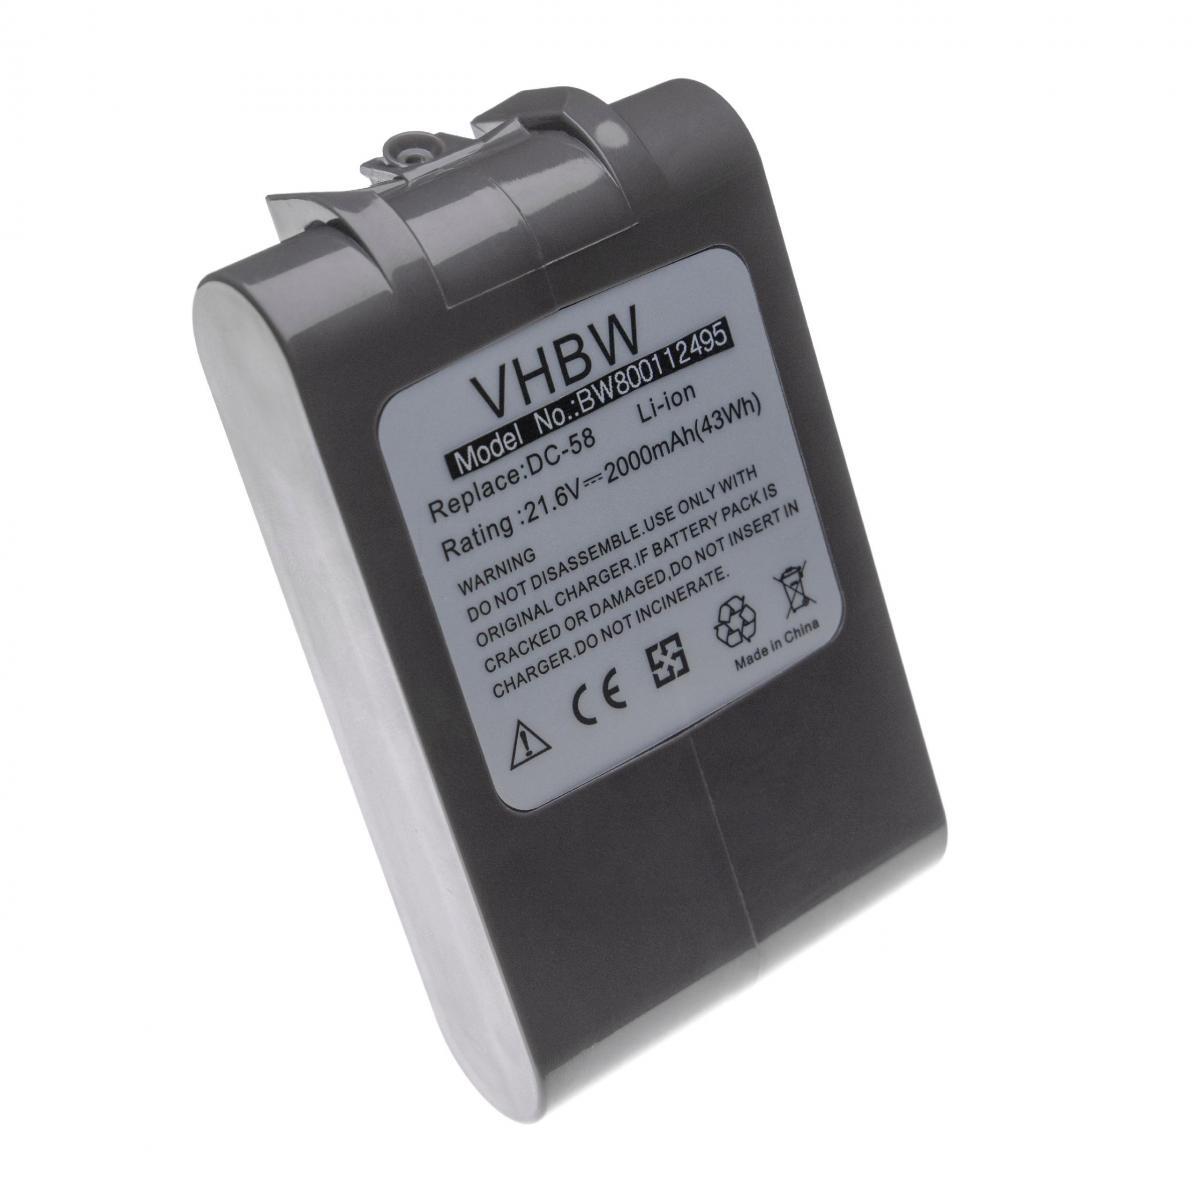 Vhbw vhbw batterie remplace Dyson 205794-01/04, 61034-01, 61034-03, 62350-07/02 pour aspirateur Home Cleaner (2000mAh, 21,6V,